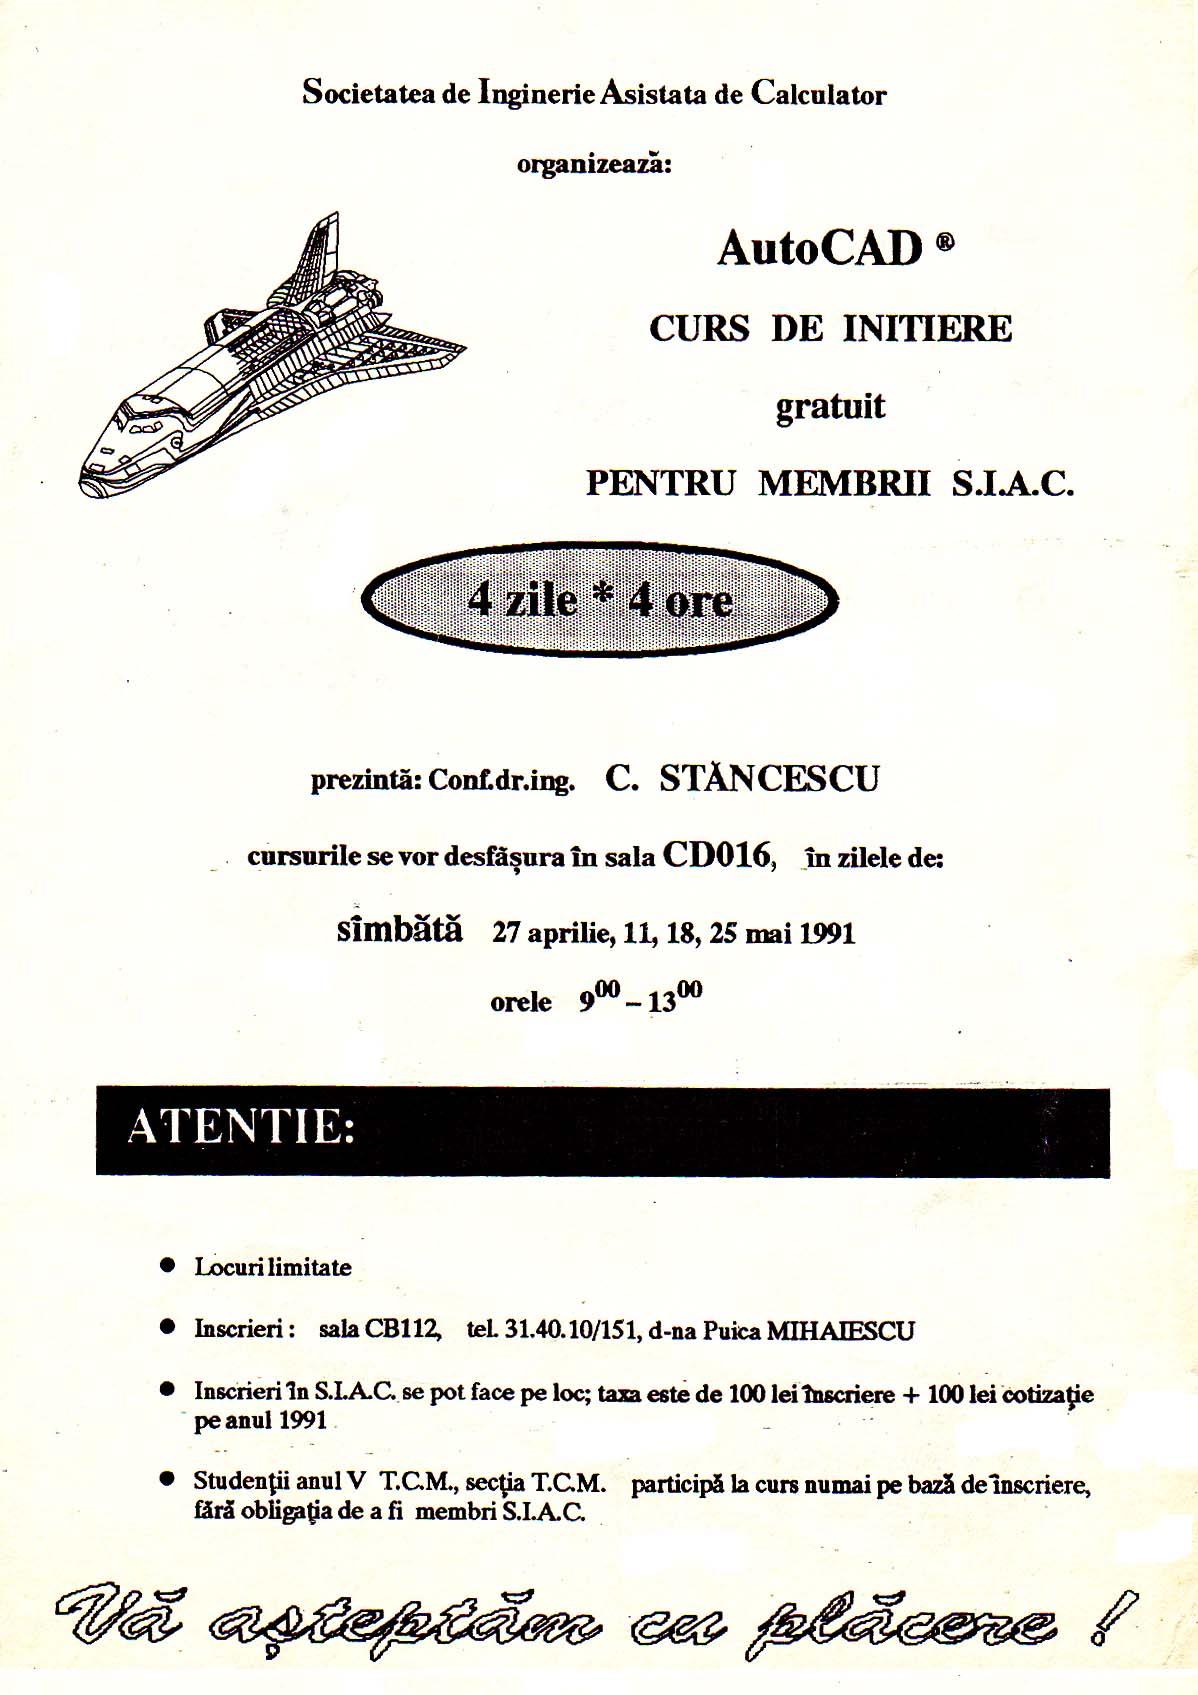 Afiș cu Primul curs de AutoCAD din România